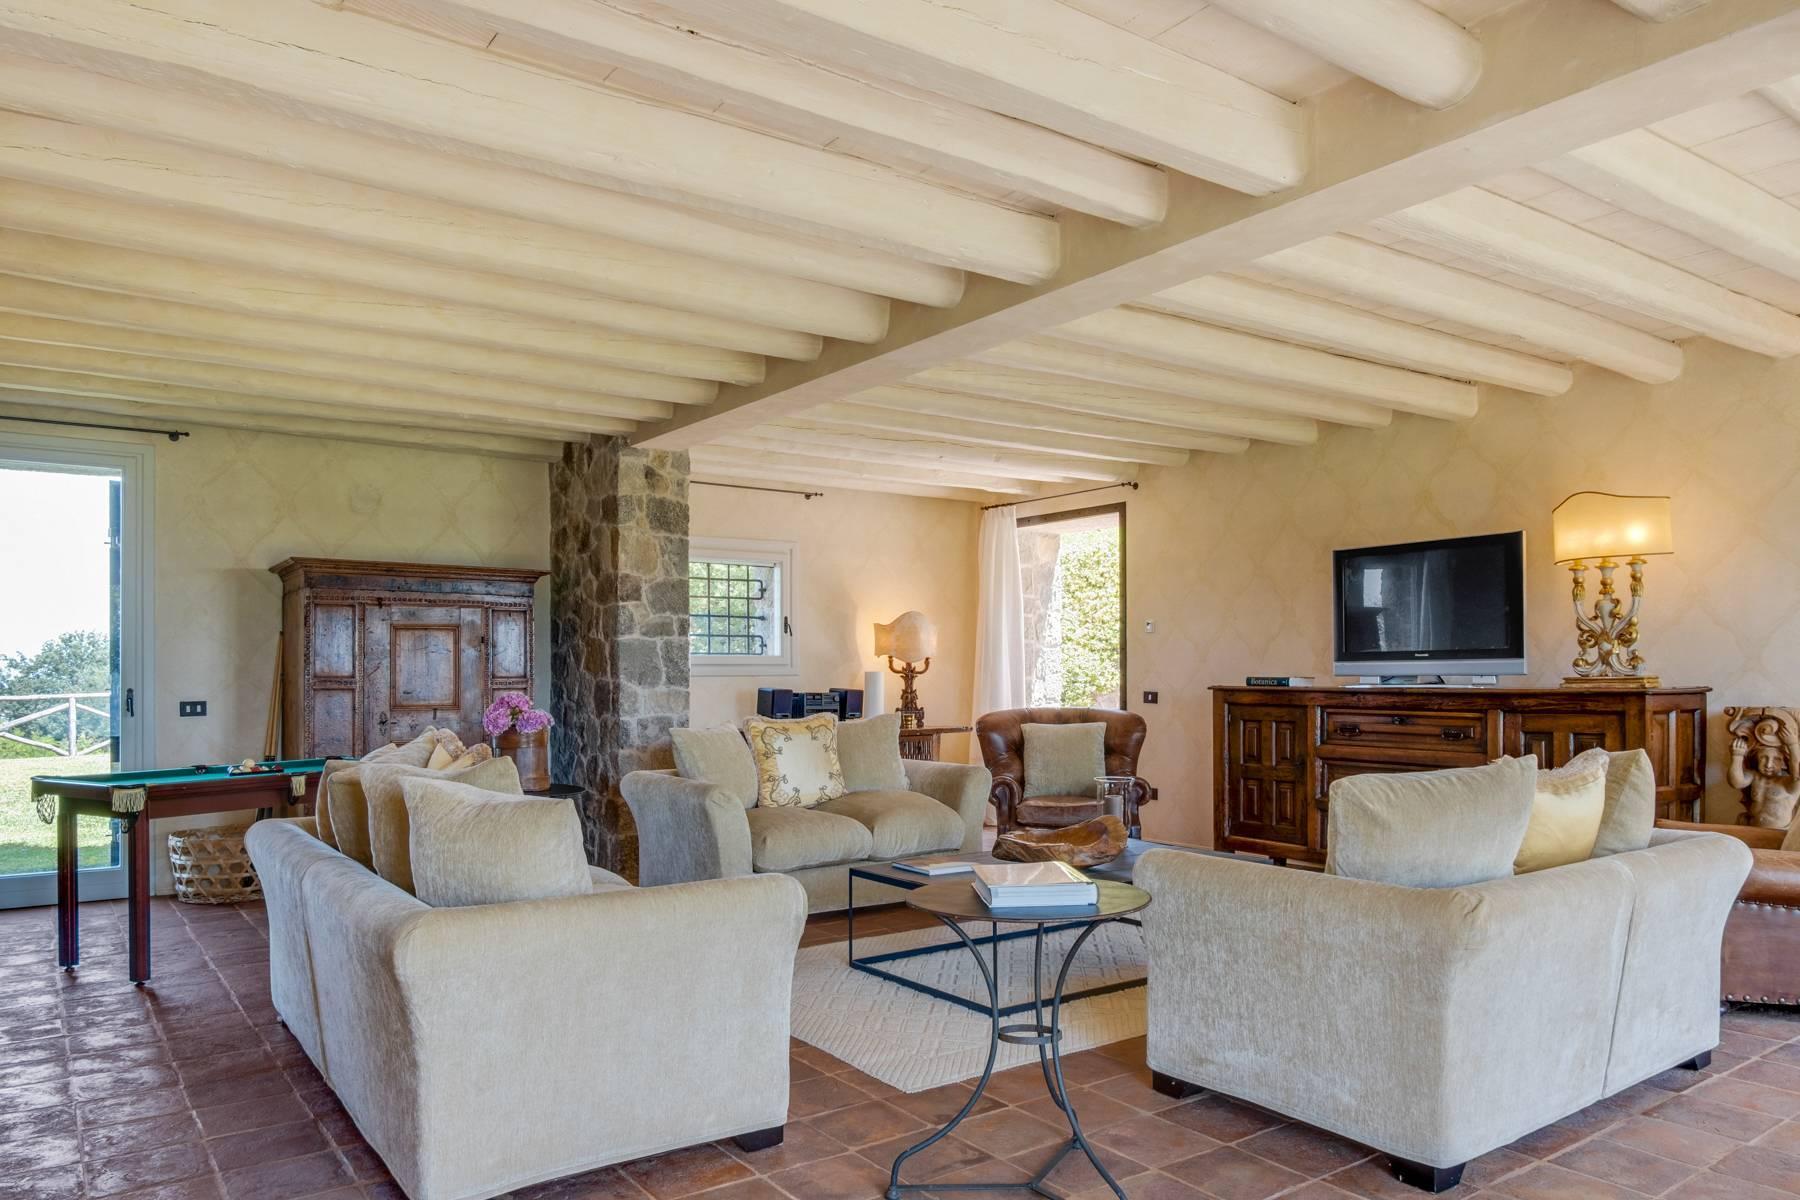 Fabelhaft renoviertes Bauernhaus auf den Hügeln mit Schwimmbad und landwirtschaftlichem Anwesen mit Weinbergen - 7